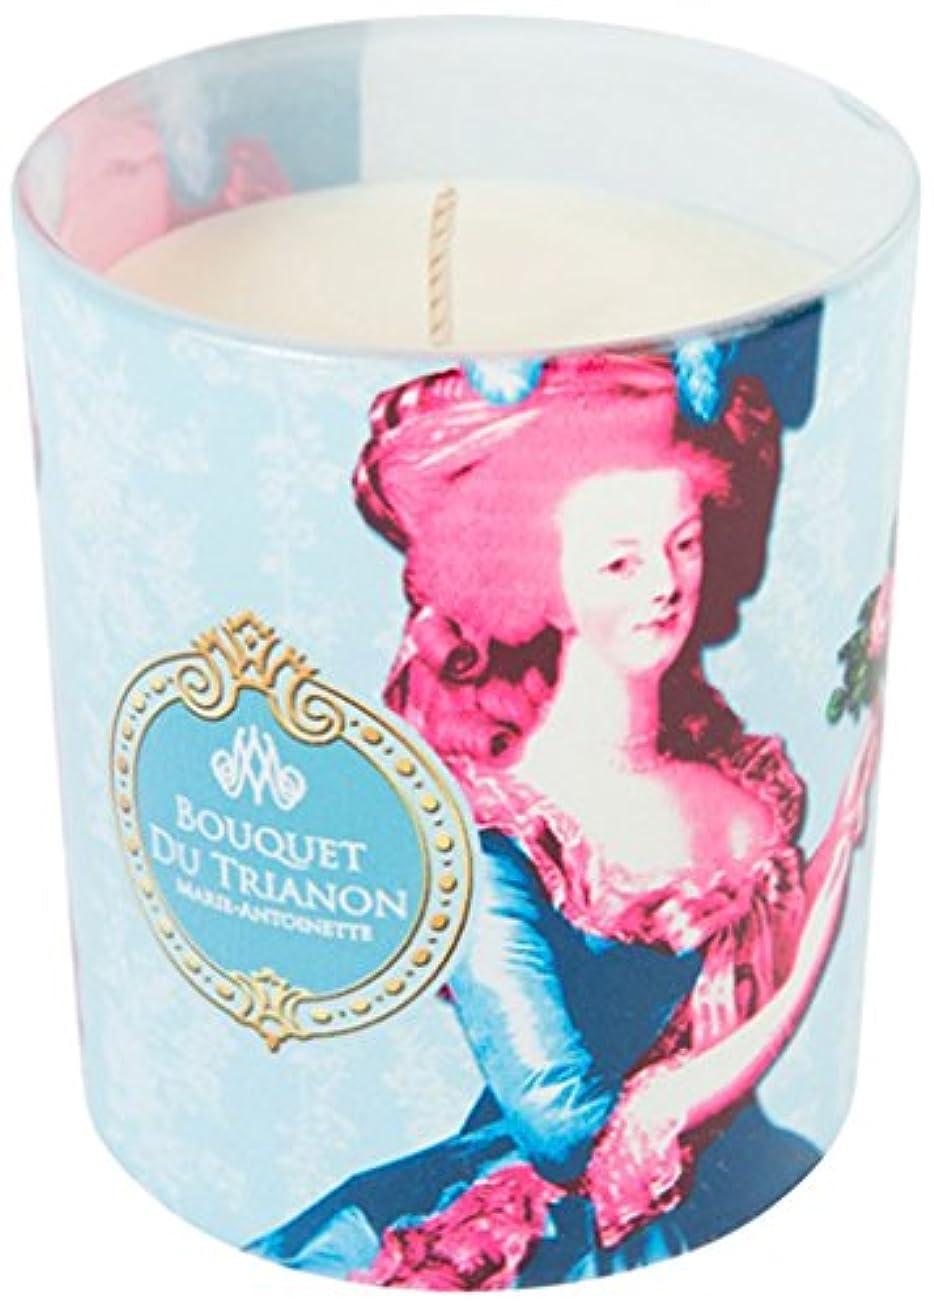 芸術モーション摂氏度ヒストリア ポップアートキャンドル ブーケトリアノン 色とりどりの花のブーケの香り